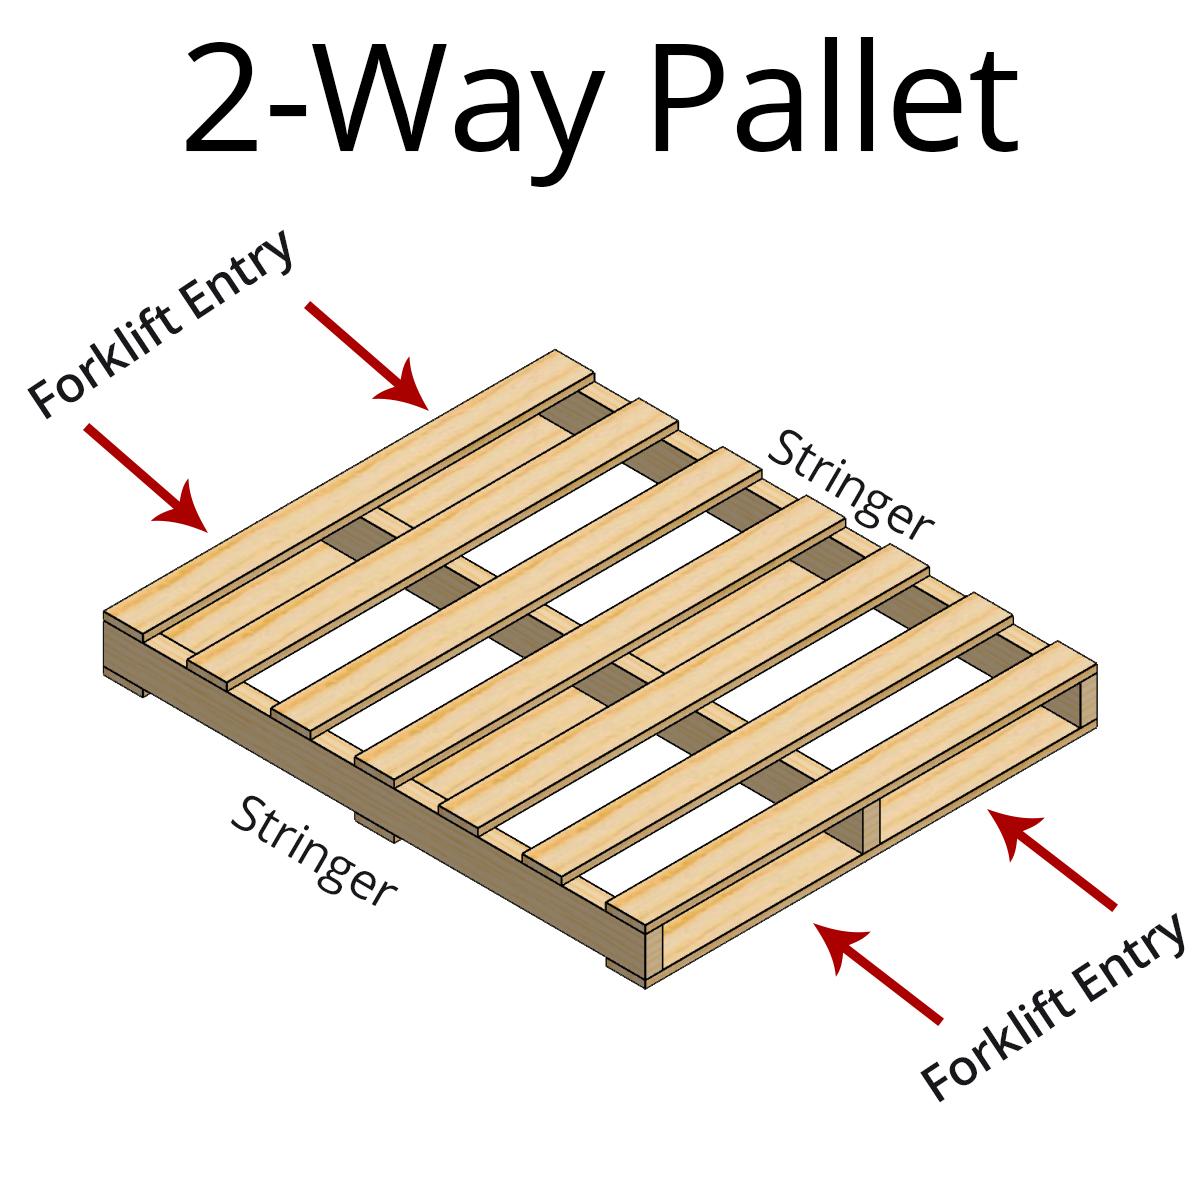 2-Way vs 4-Way Pallets